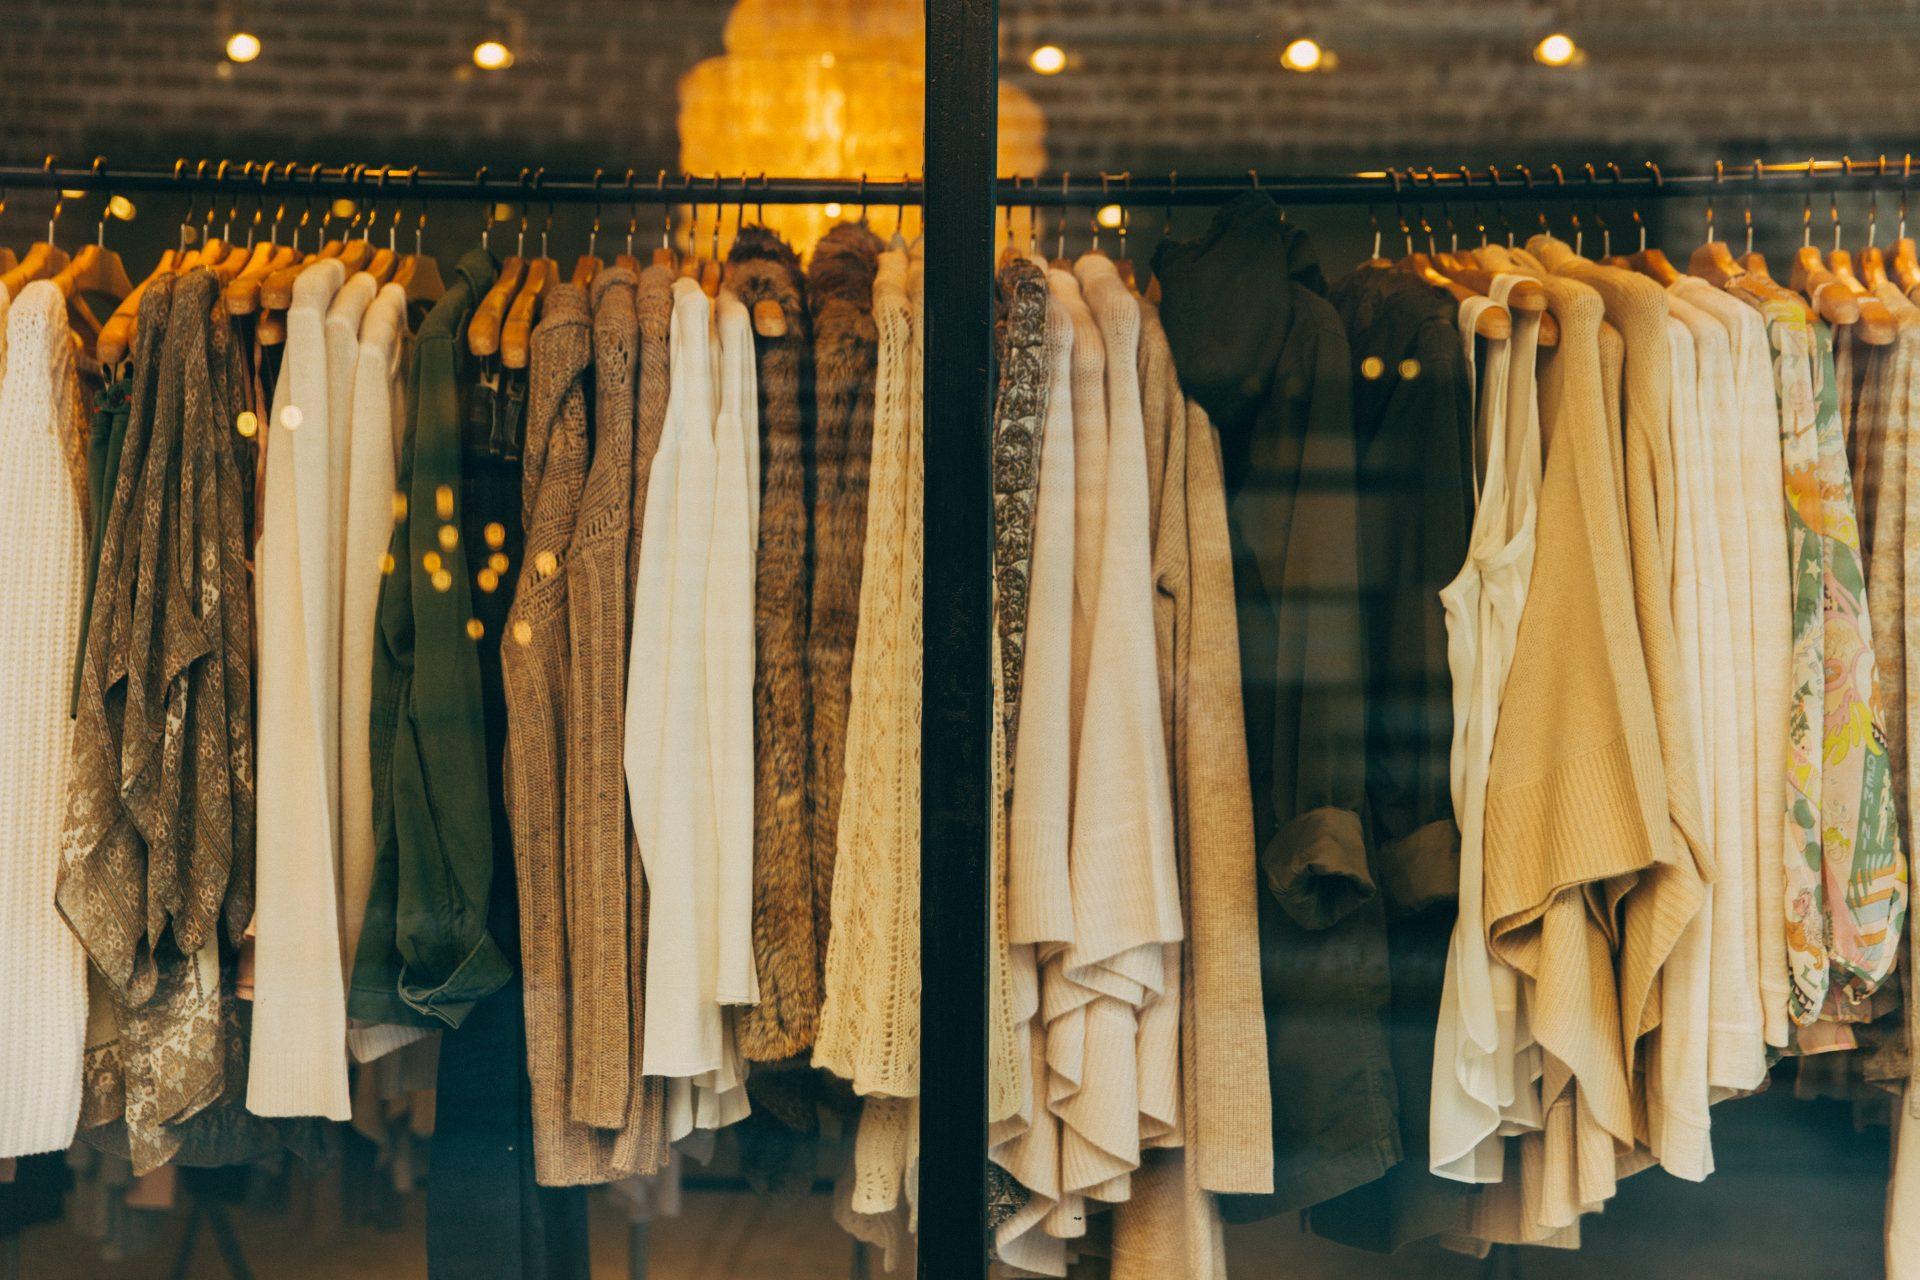 kako-zastititi-odjecu-od-moljaca-savjeti-za-zastitu-odjece-od-moljaca-kako-hr